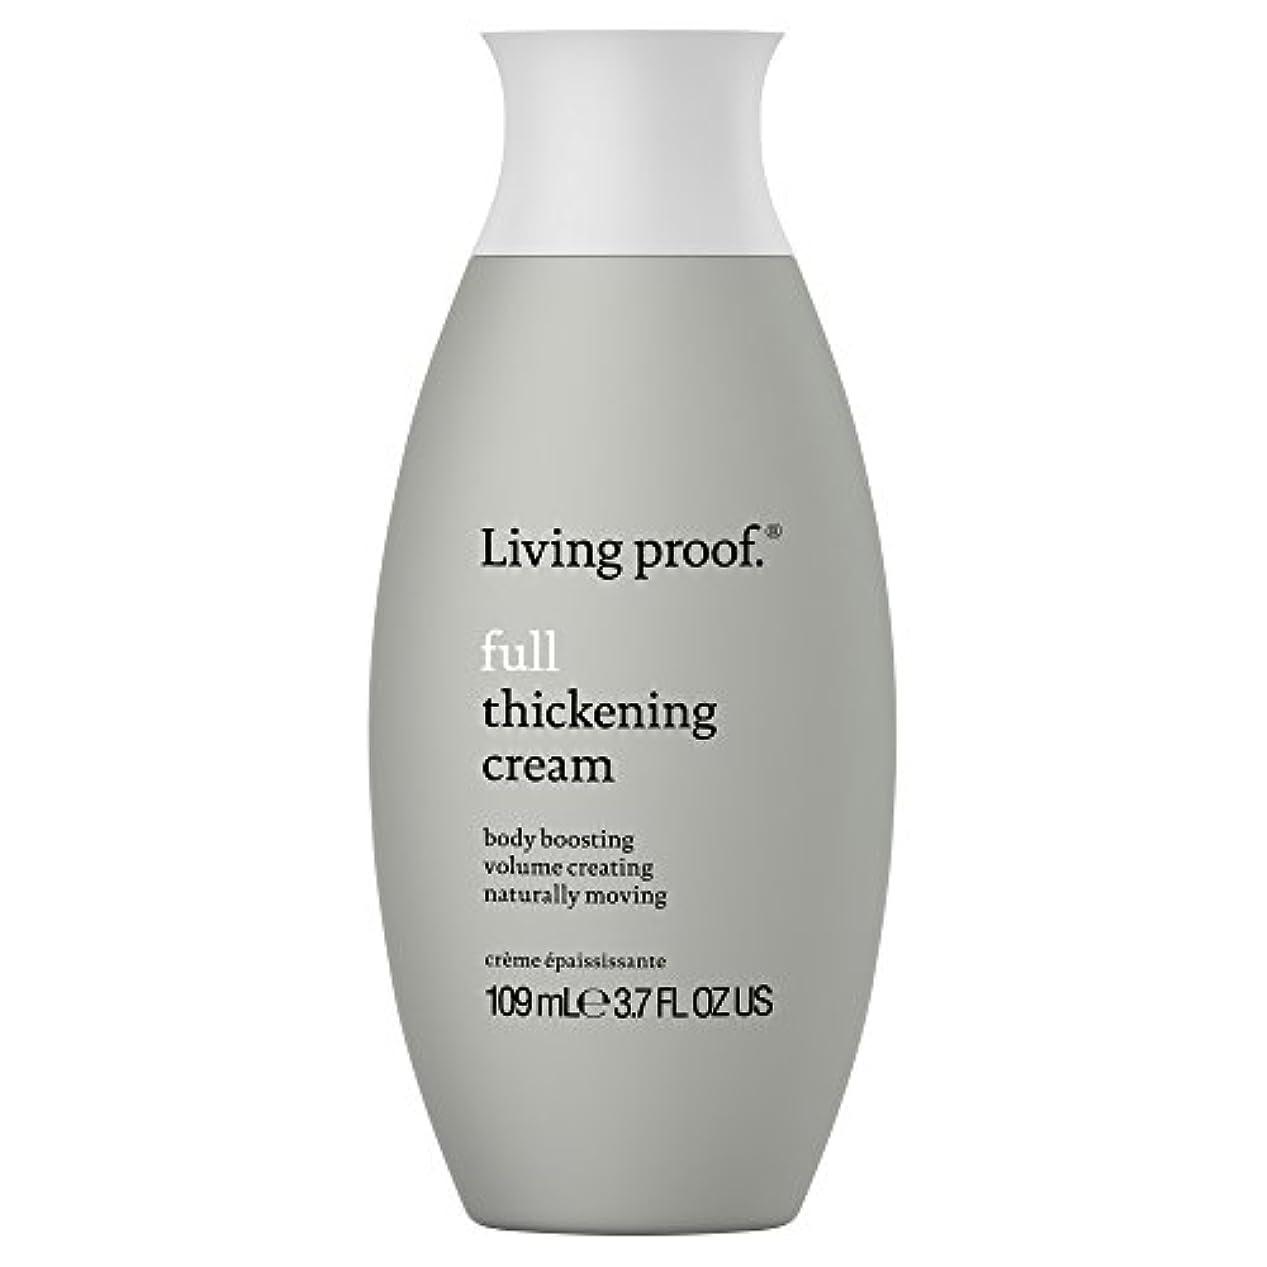 人差し指漫画刺繍生きている証拠フル肥厚クリーム109ミリリットル (Living Proof) - Living Proof Full Thickening Cream 109ml [並行輸入品]